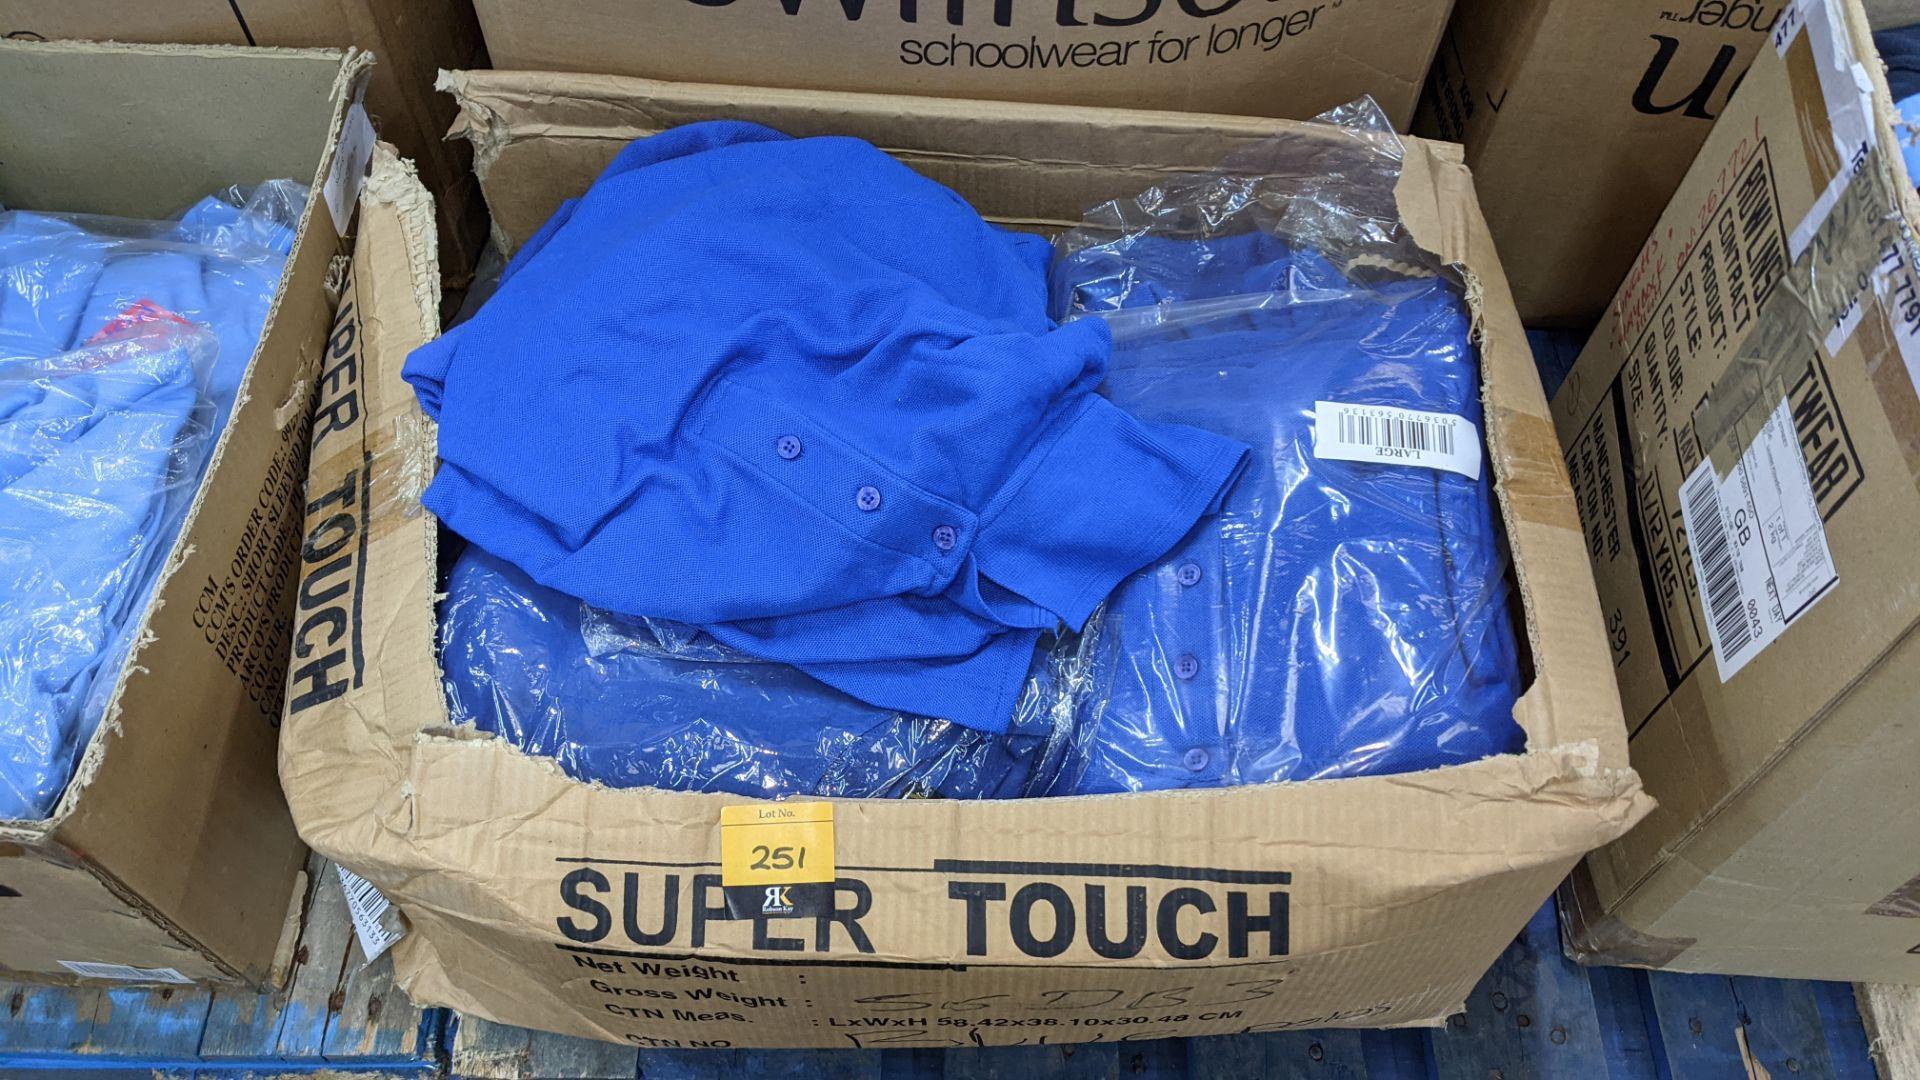 Quantity of royal blue polo shirts - 1 box